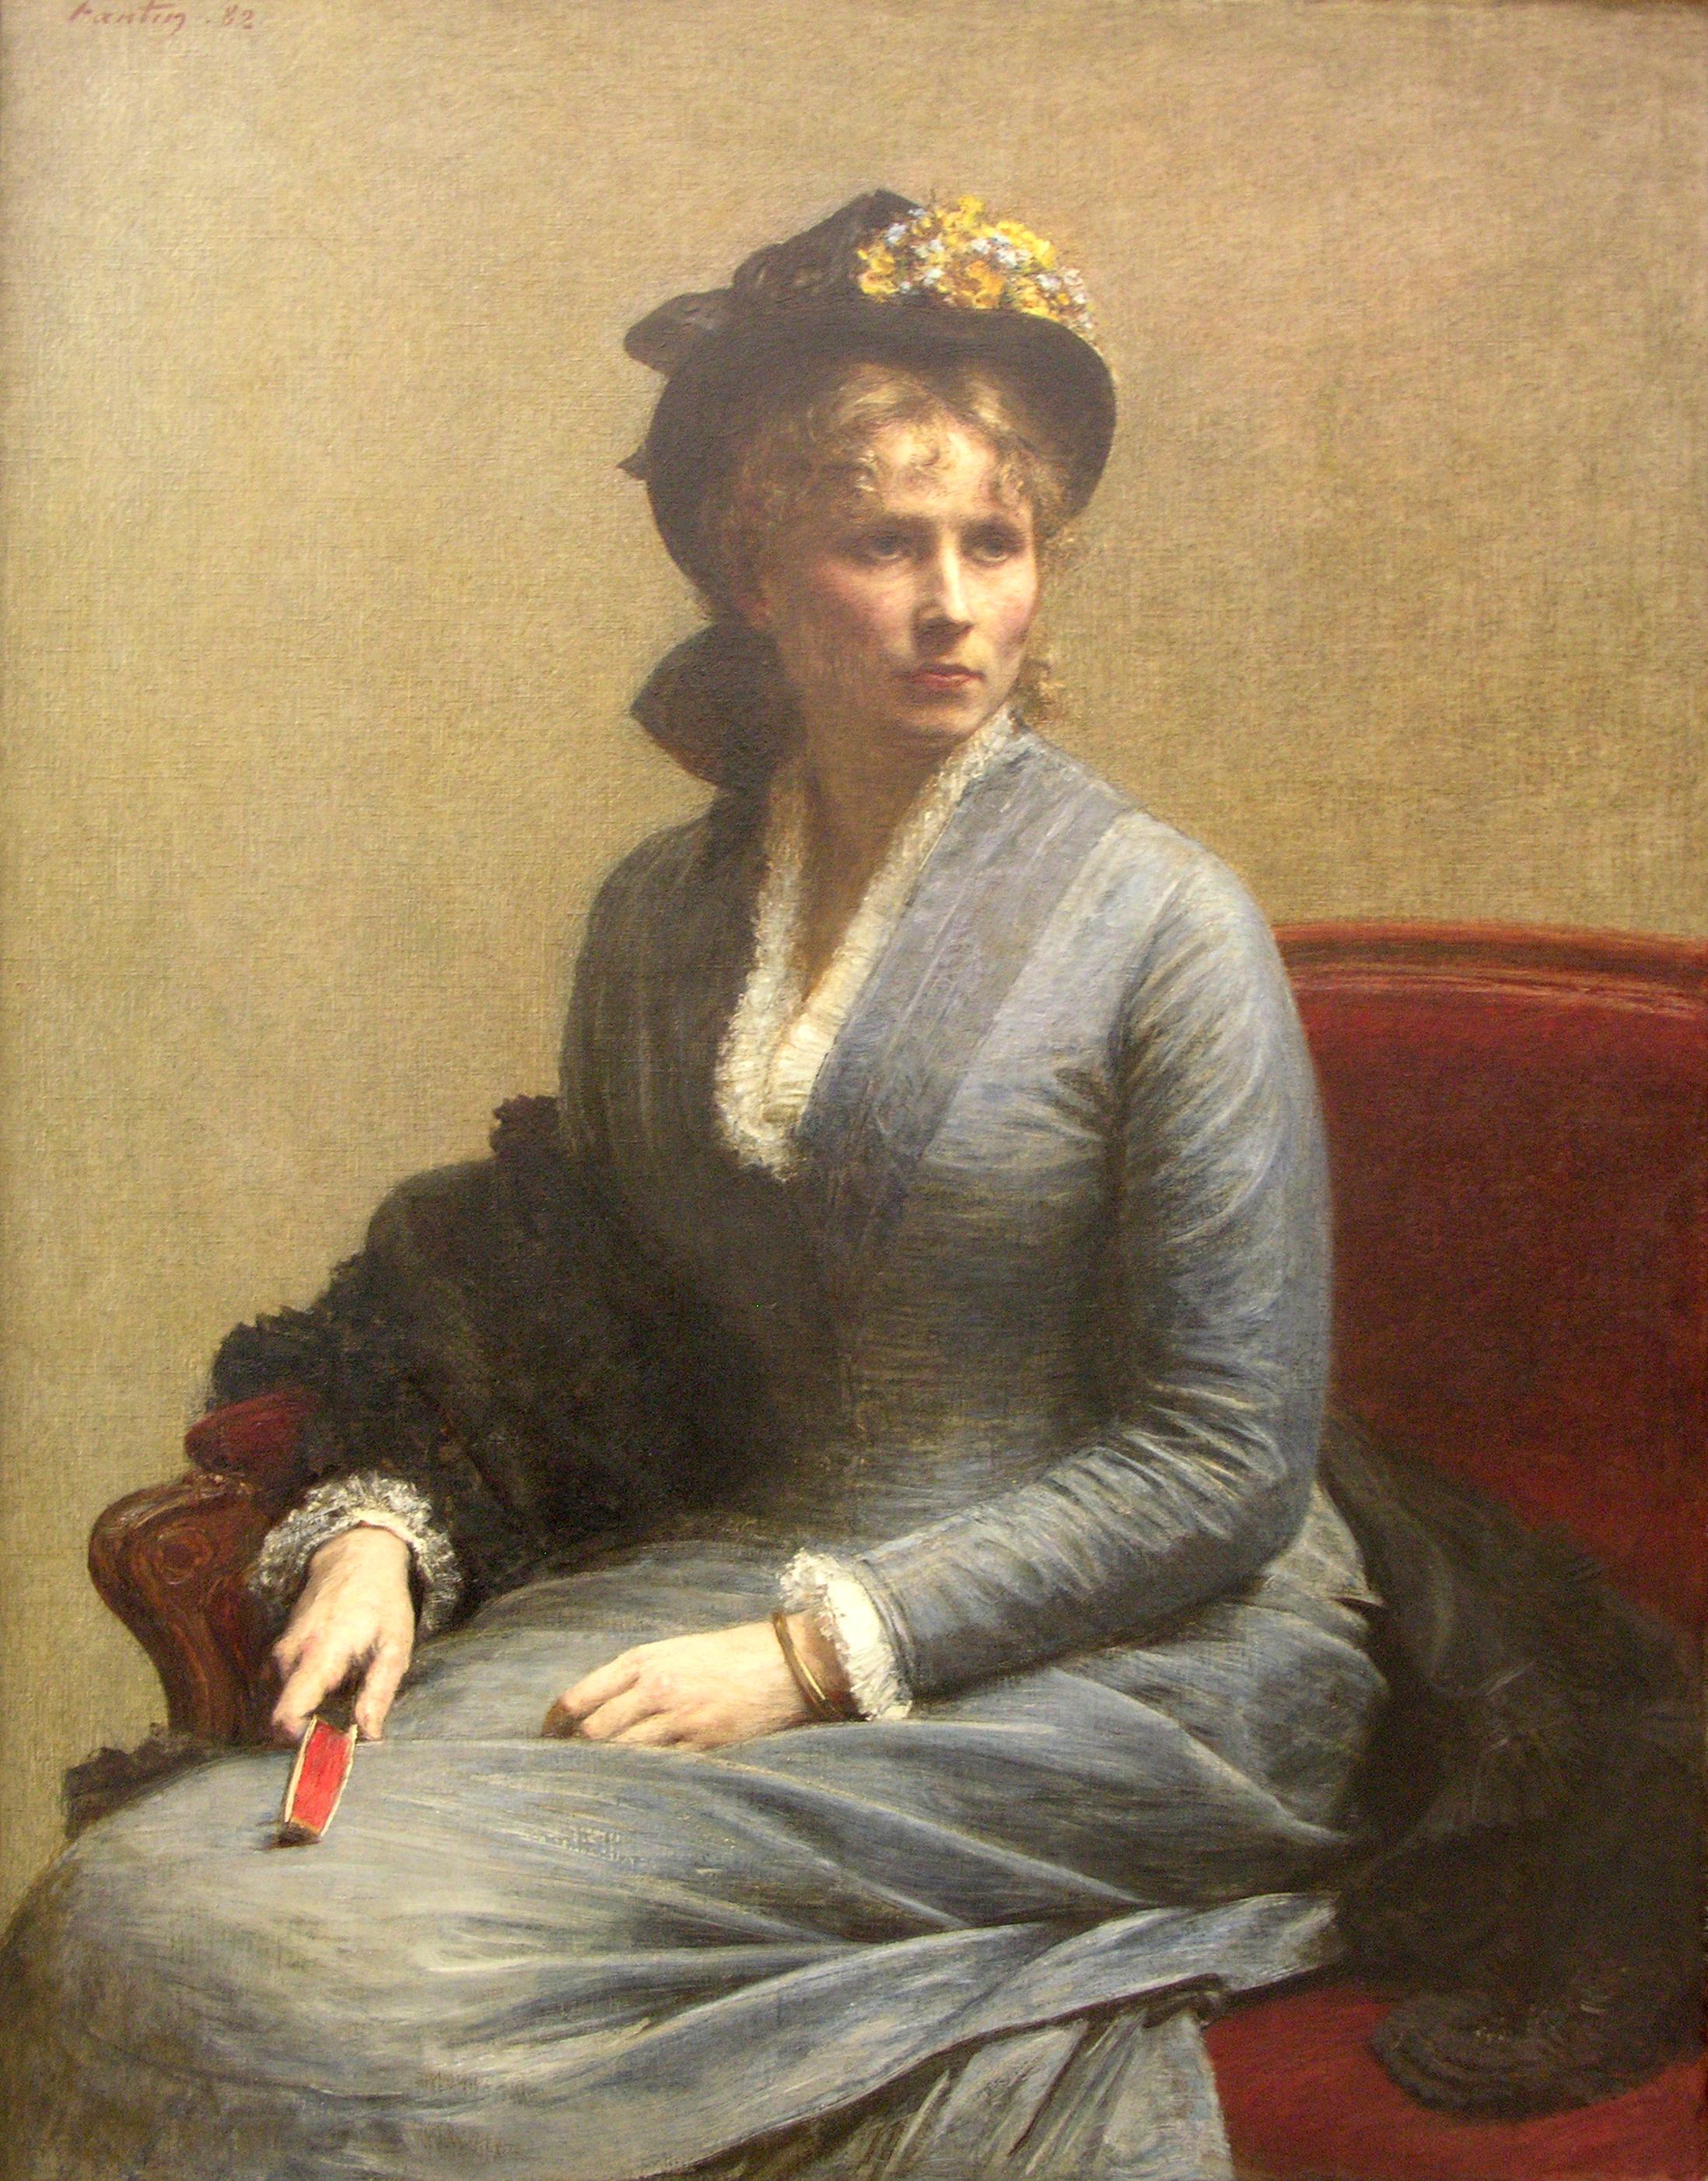 http://uploads3.wikipaintings.org/images/henri-fantin-latour/charlotte-dubourg-1882.jpg